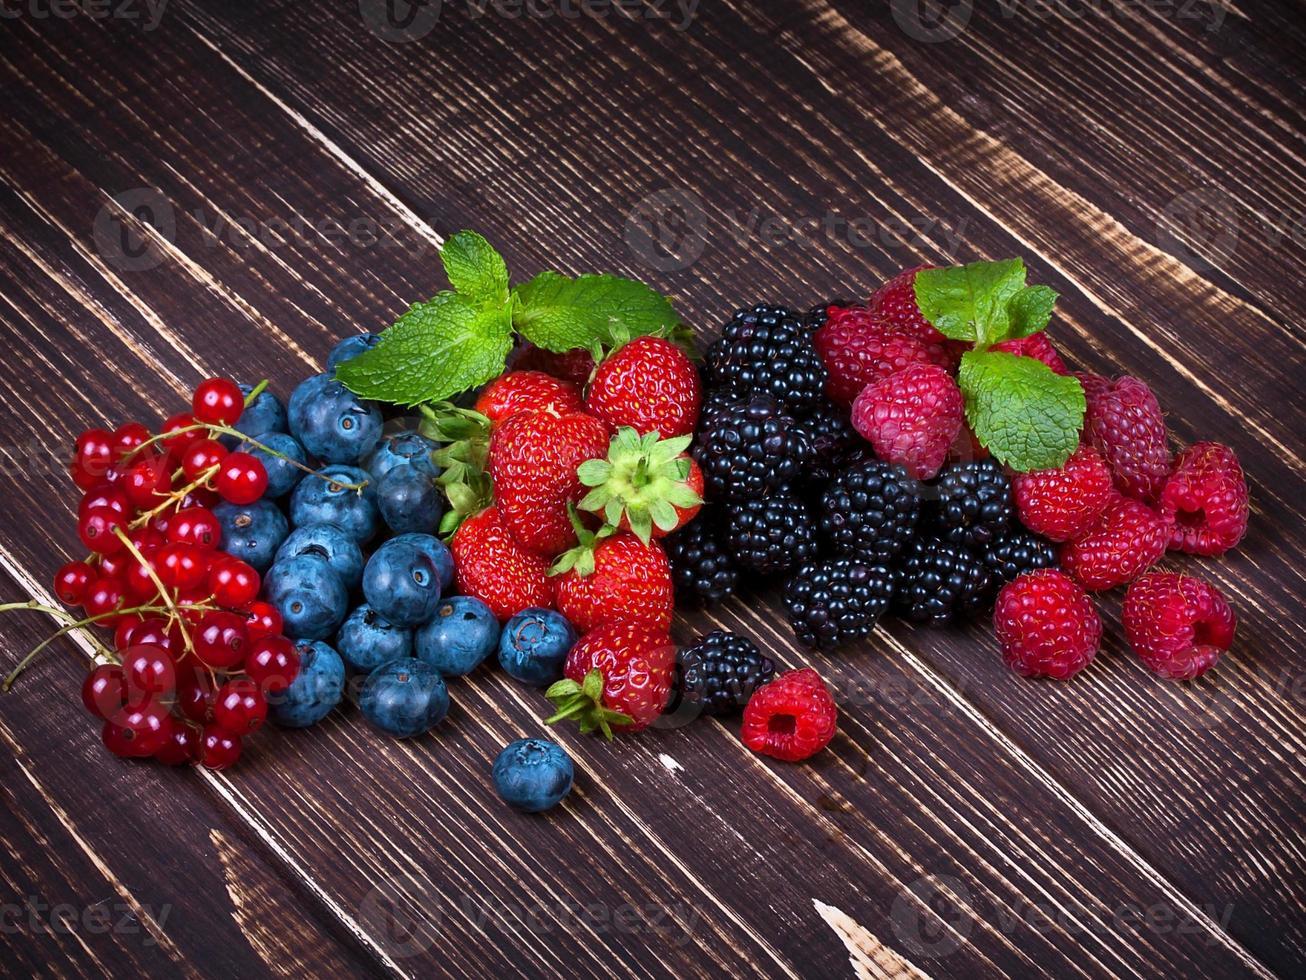 Strawberries, blueberries, blackberries, raspberries and currant photo